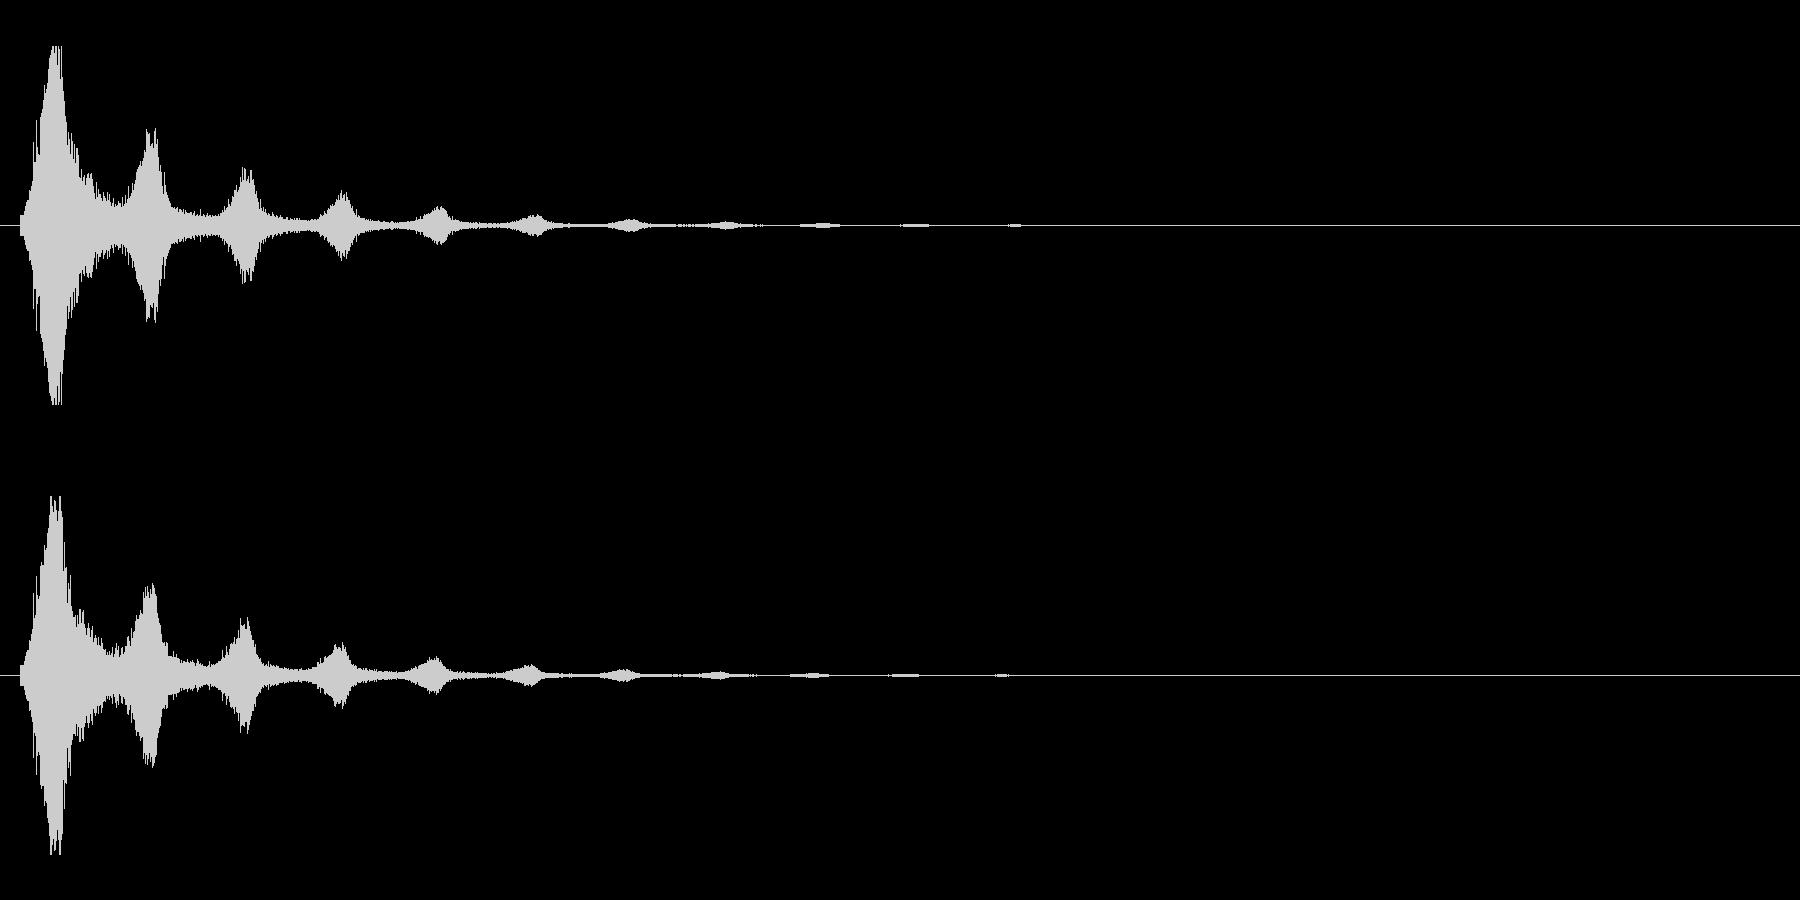 レーザー音-154-2の未再生の波形